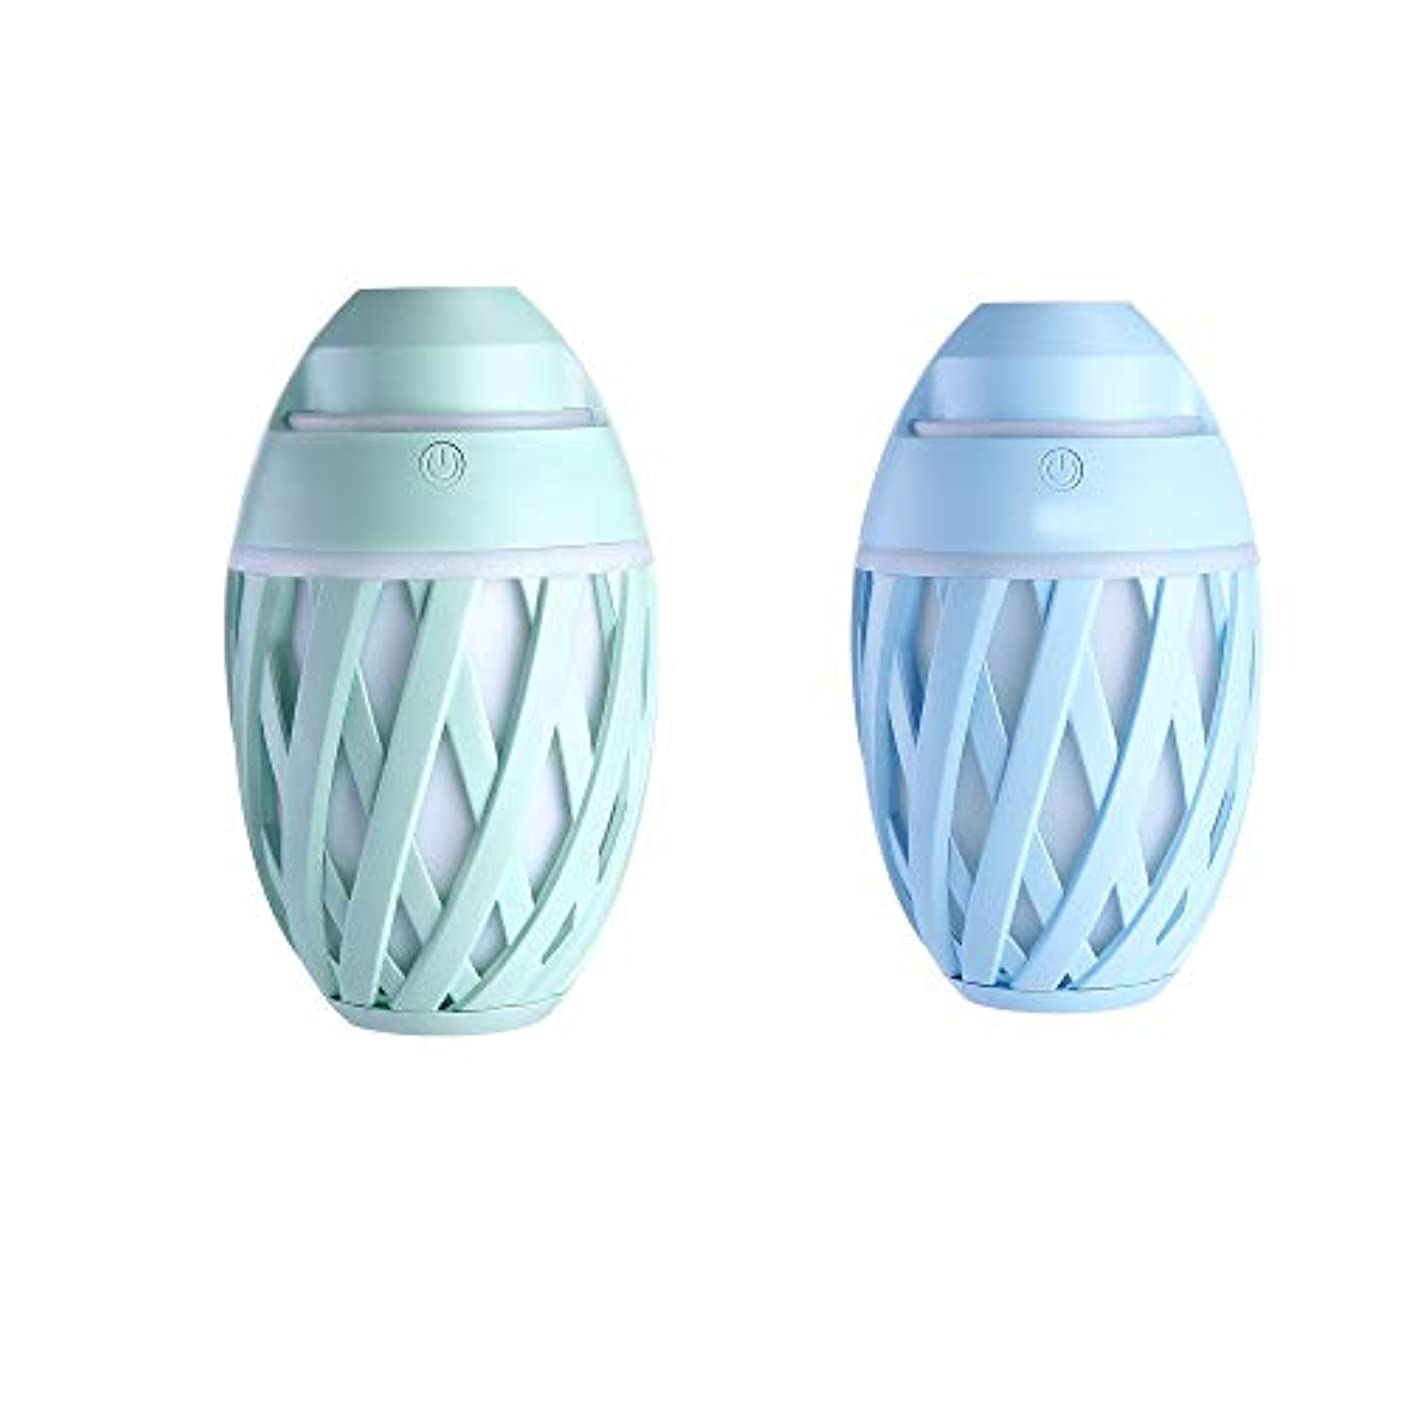 盲目誇大妄想前書きZXF ミニUSB車の空気加湿器の美しさの楽器オリーブ形マイナスイオンカラフルな変更美しさの水道メーターABS材料2つの青いモデル緑 滑らかである (色 : Blue)